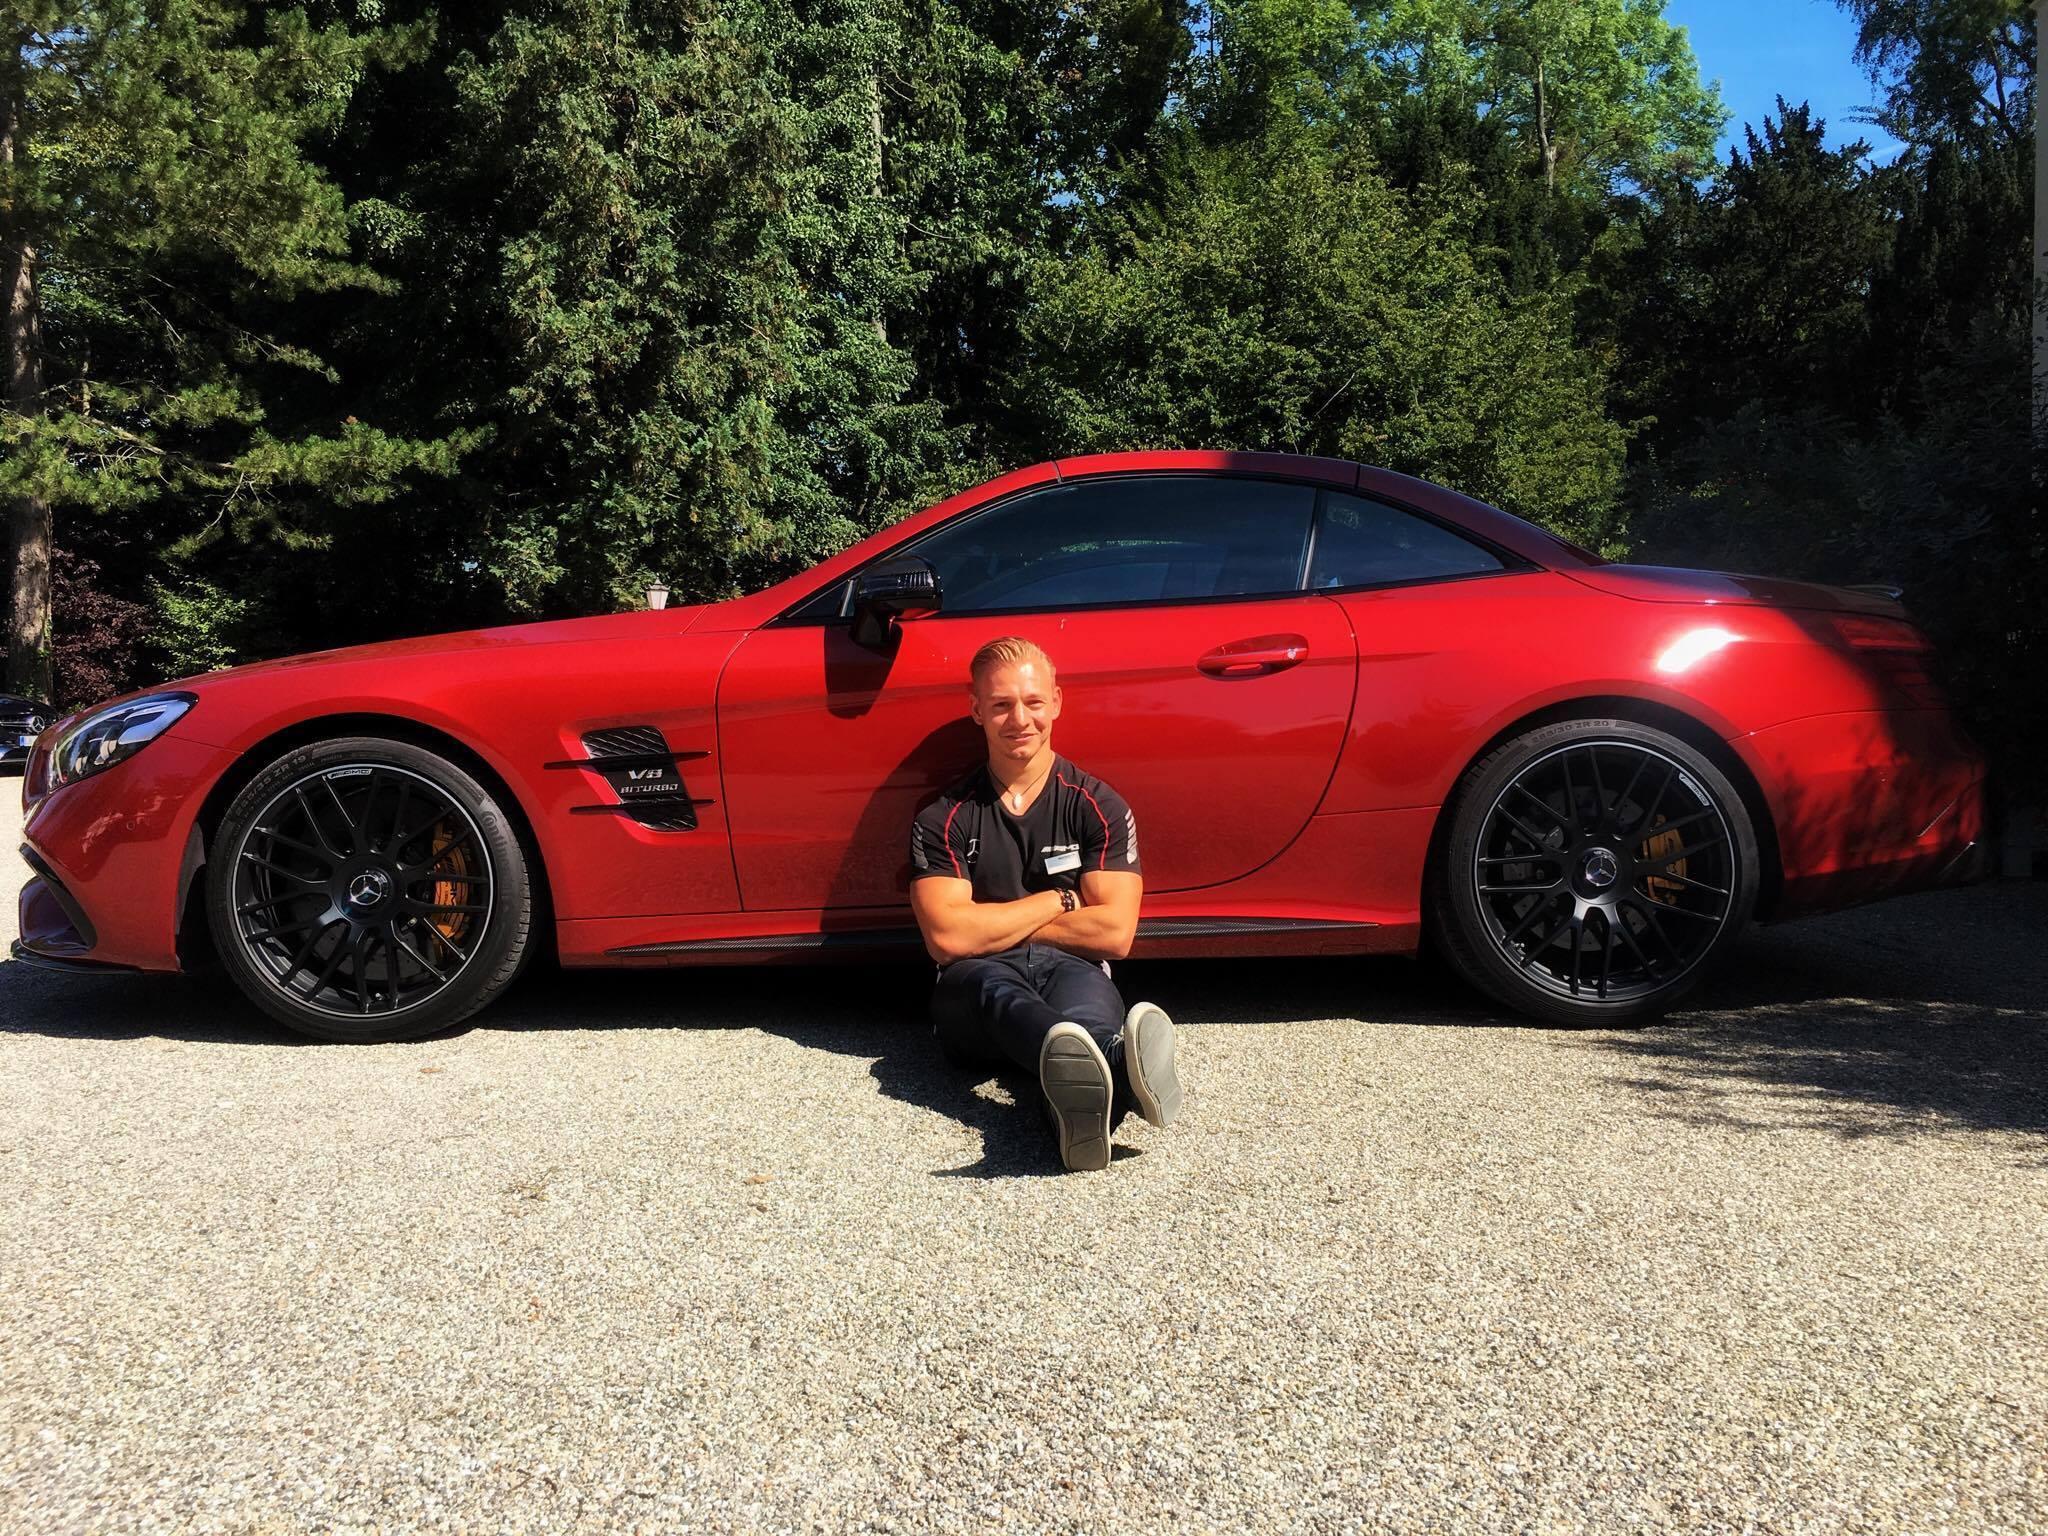 Läuft für Lucas Wolf 👍 https://www.facebook.com/Lucas-Wolf-Official-365405603487478/ Der bekannte Motorsportler und AMG Instruktor ist zurzeit jede Woche unterwegs und führt und organisiert regelmäßige AMG Performance Touren in ganz Deutschland durch. Die Events finden bei den zahlreichen Teilnehmern eine sehr positive Resonanz. Und ebenso seine beliebte Facebook Fan Page. Die Page hat aktuell schon 9146 Fans und in Kürze startet die nächste Social Media Kampagne......